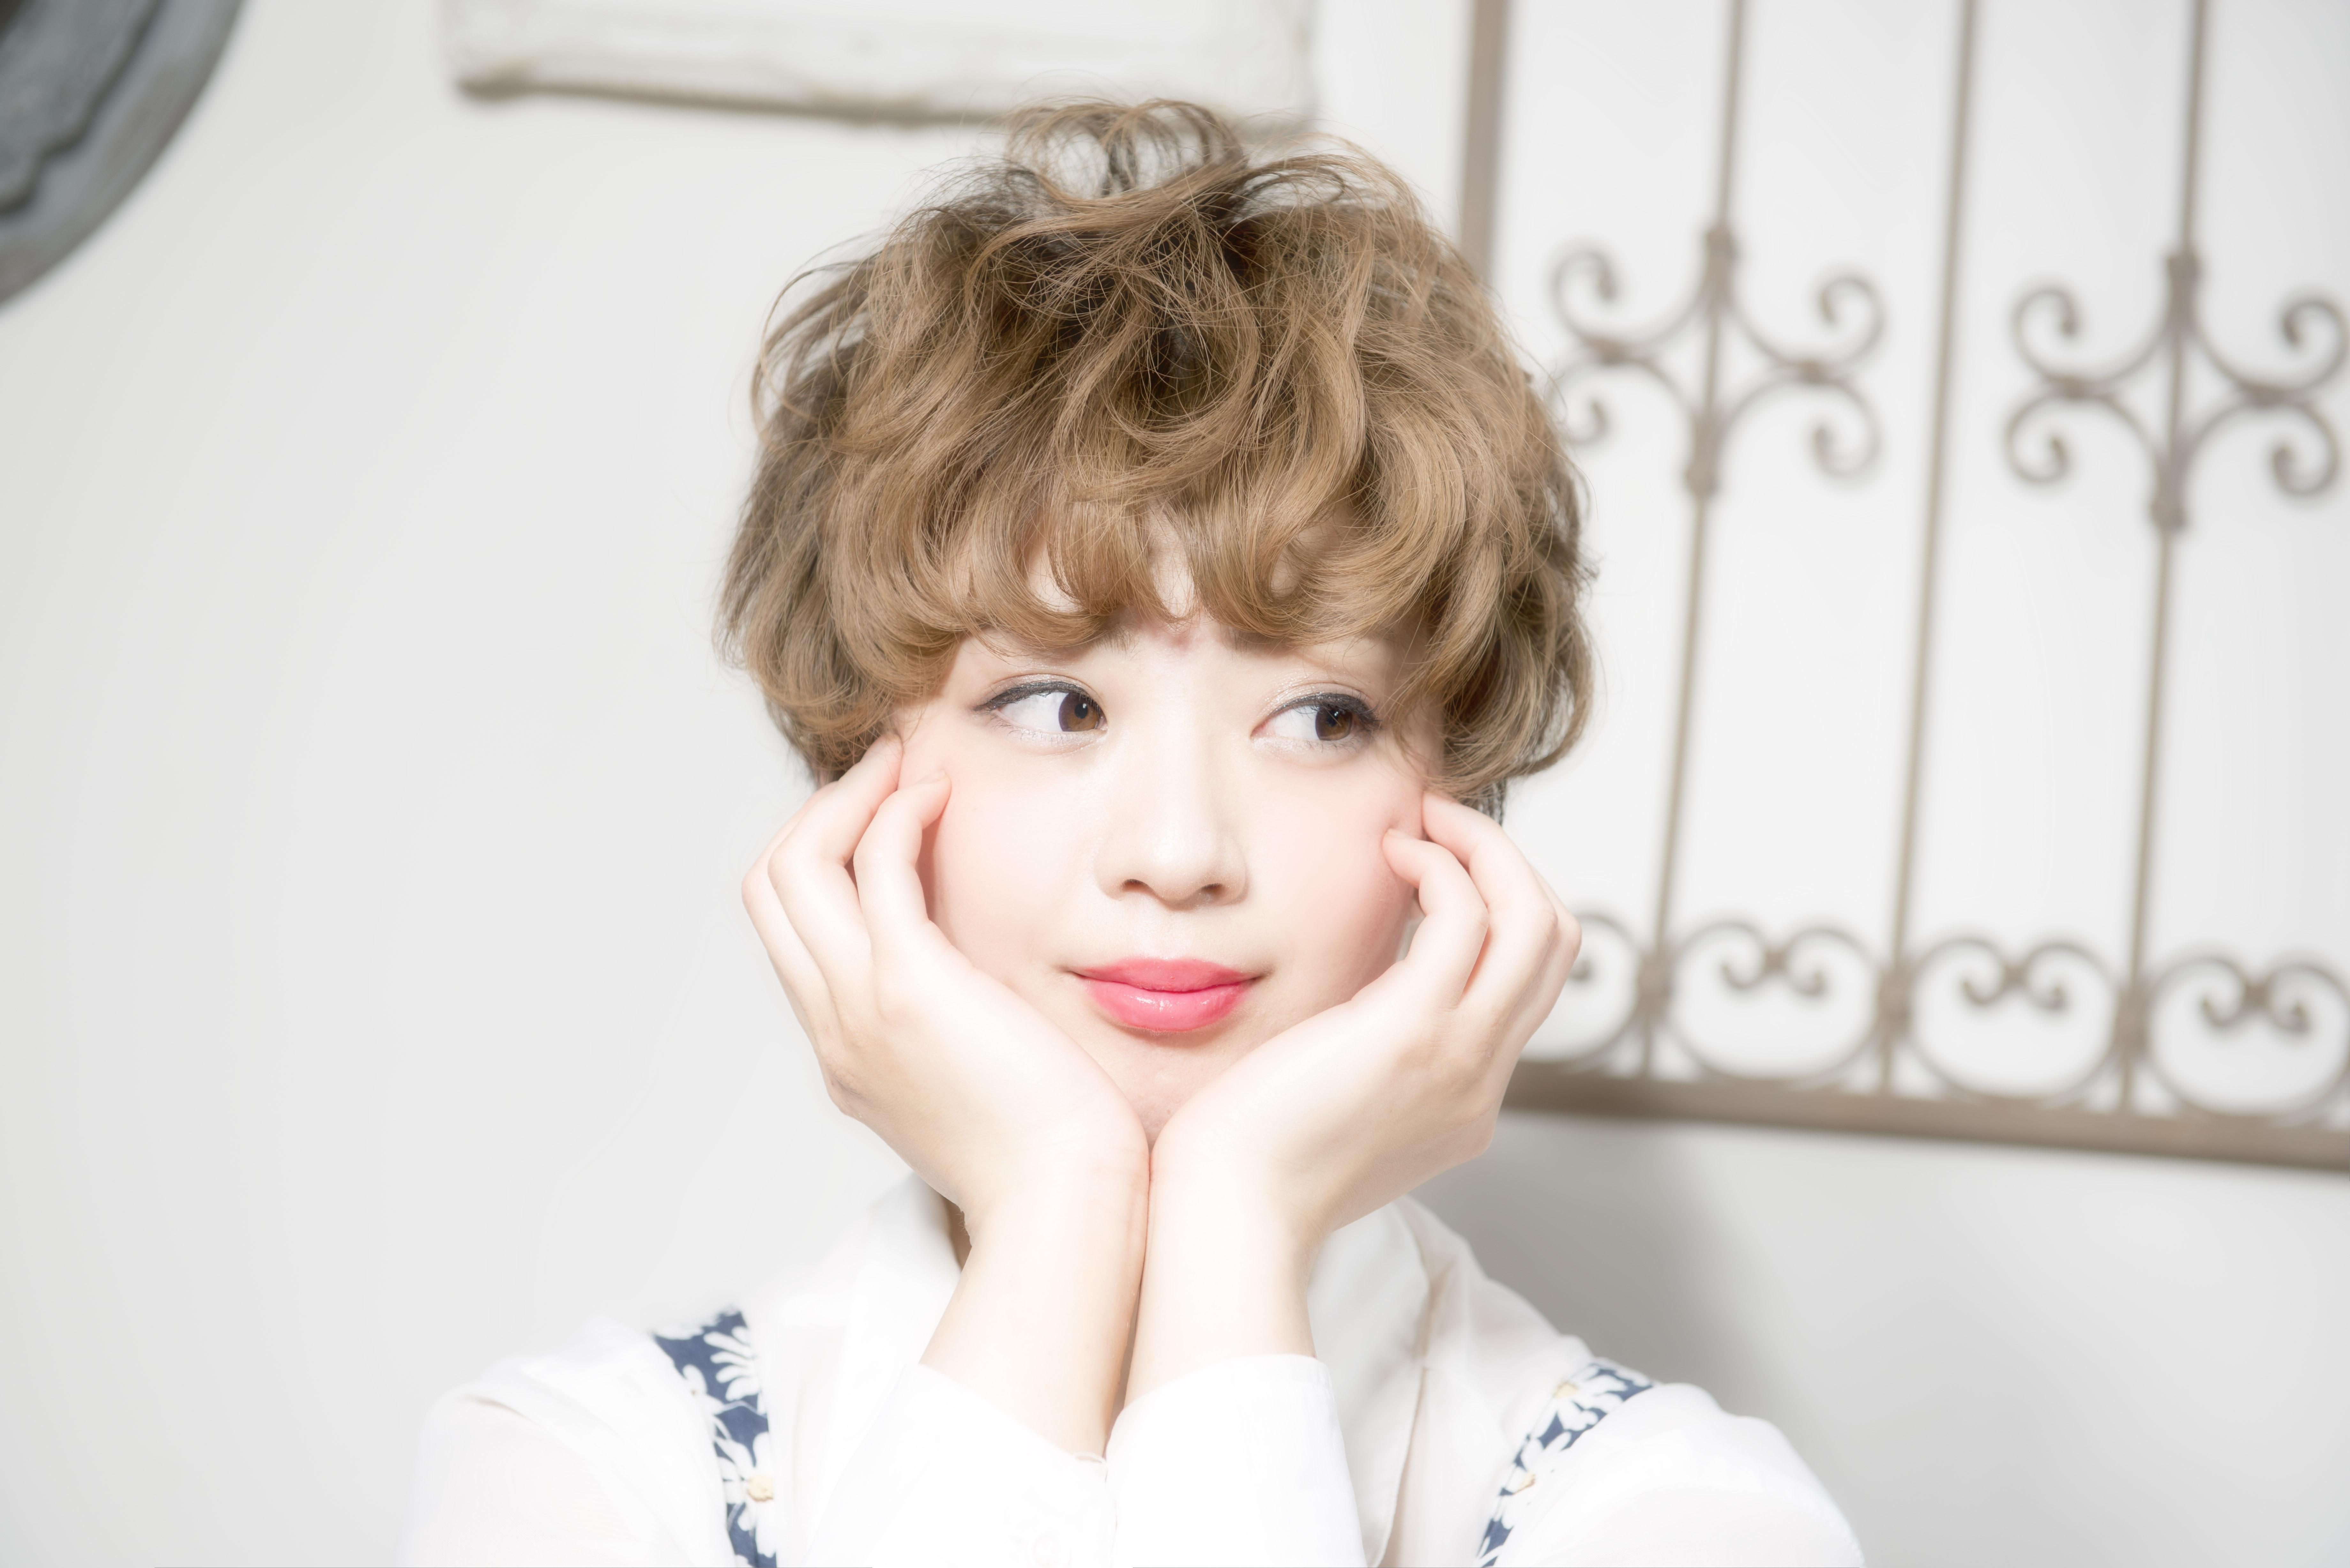 口コミで人気の自由が丘の美容室(ヘアアロン,美容院)keep hair designが提案するマッシュショートパーマスタイル